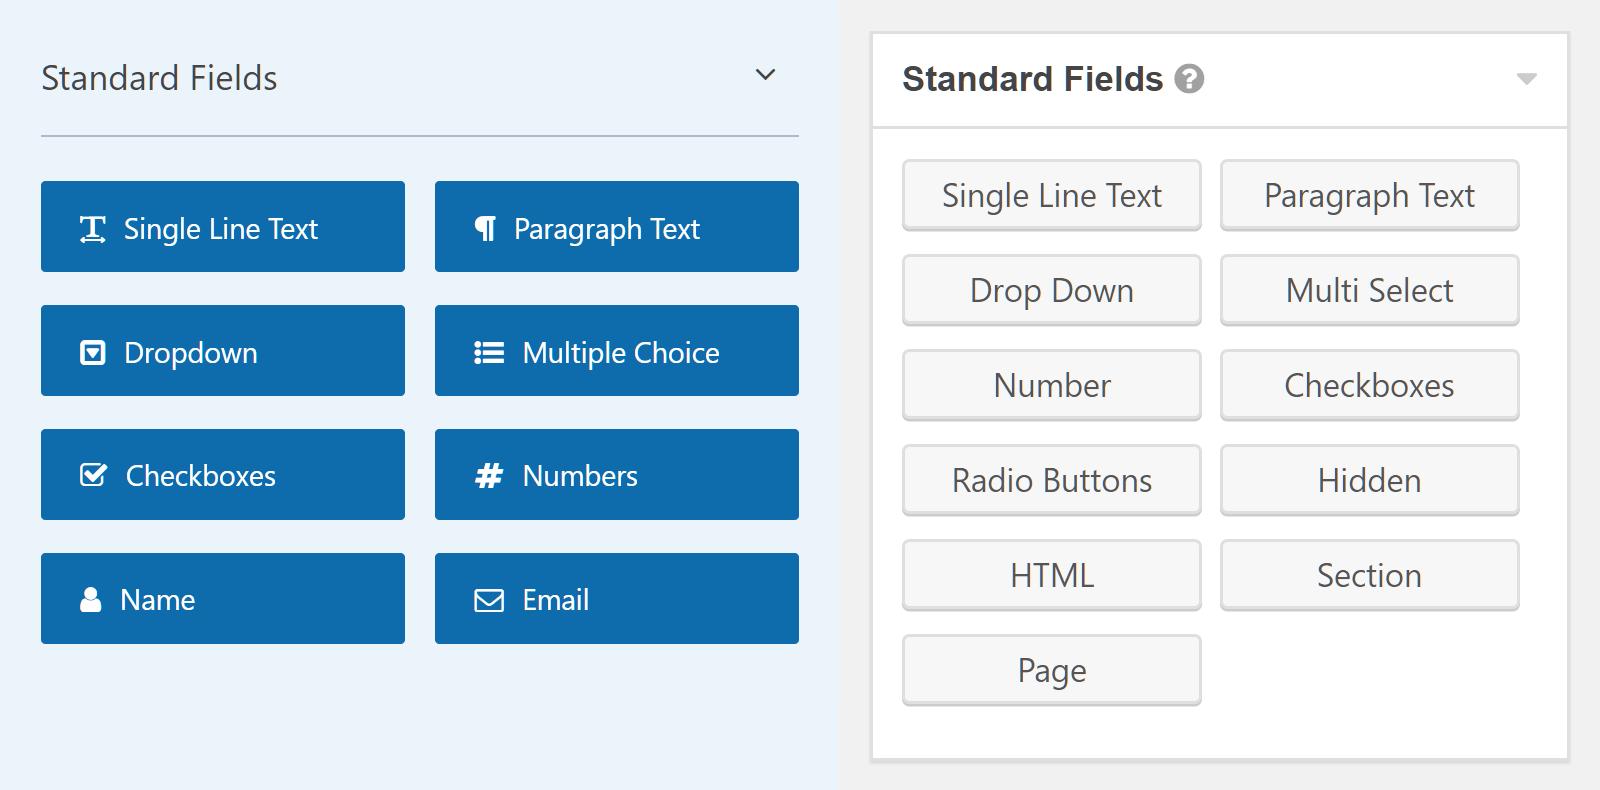 Comparación de campos de WPForms vs Gravity Forms